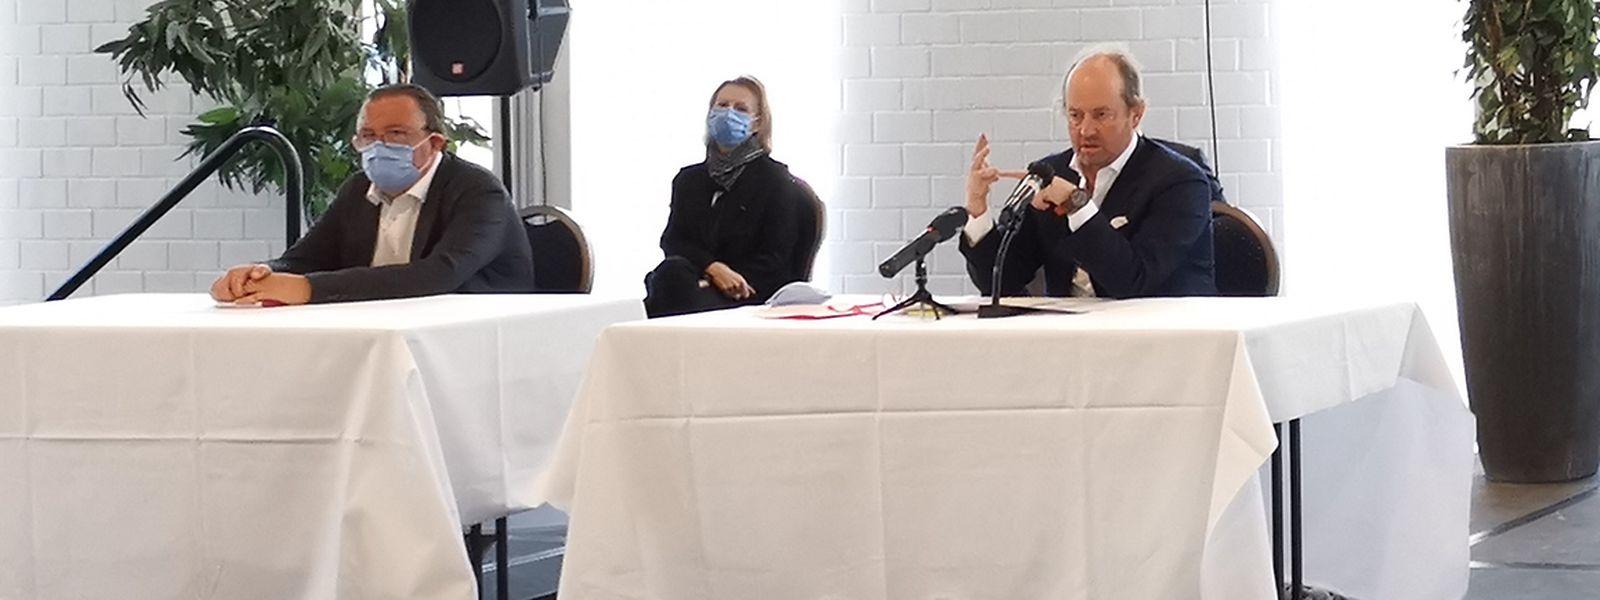 Jean-Louis Schiltz (r.) während der Pressekonferenz am Donnerstag.